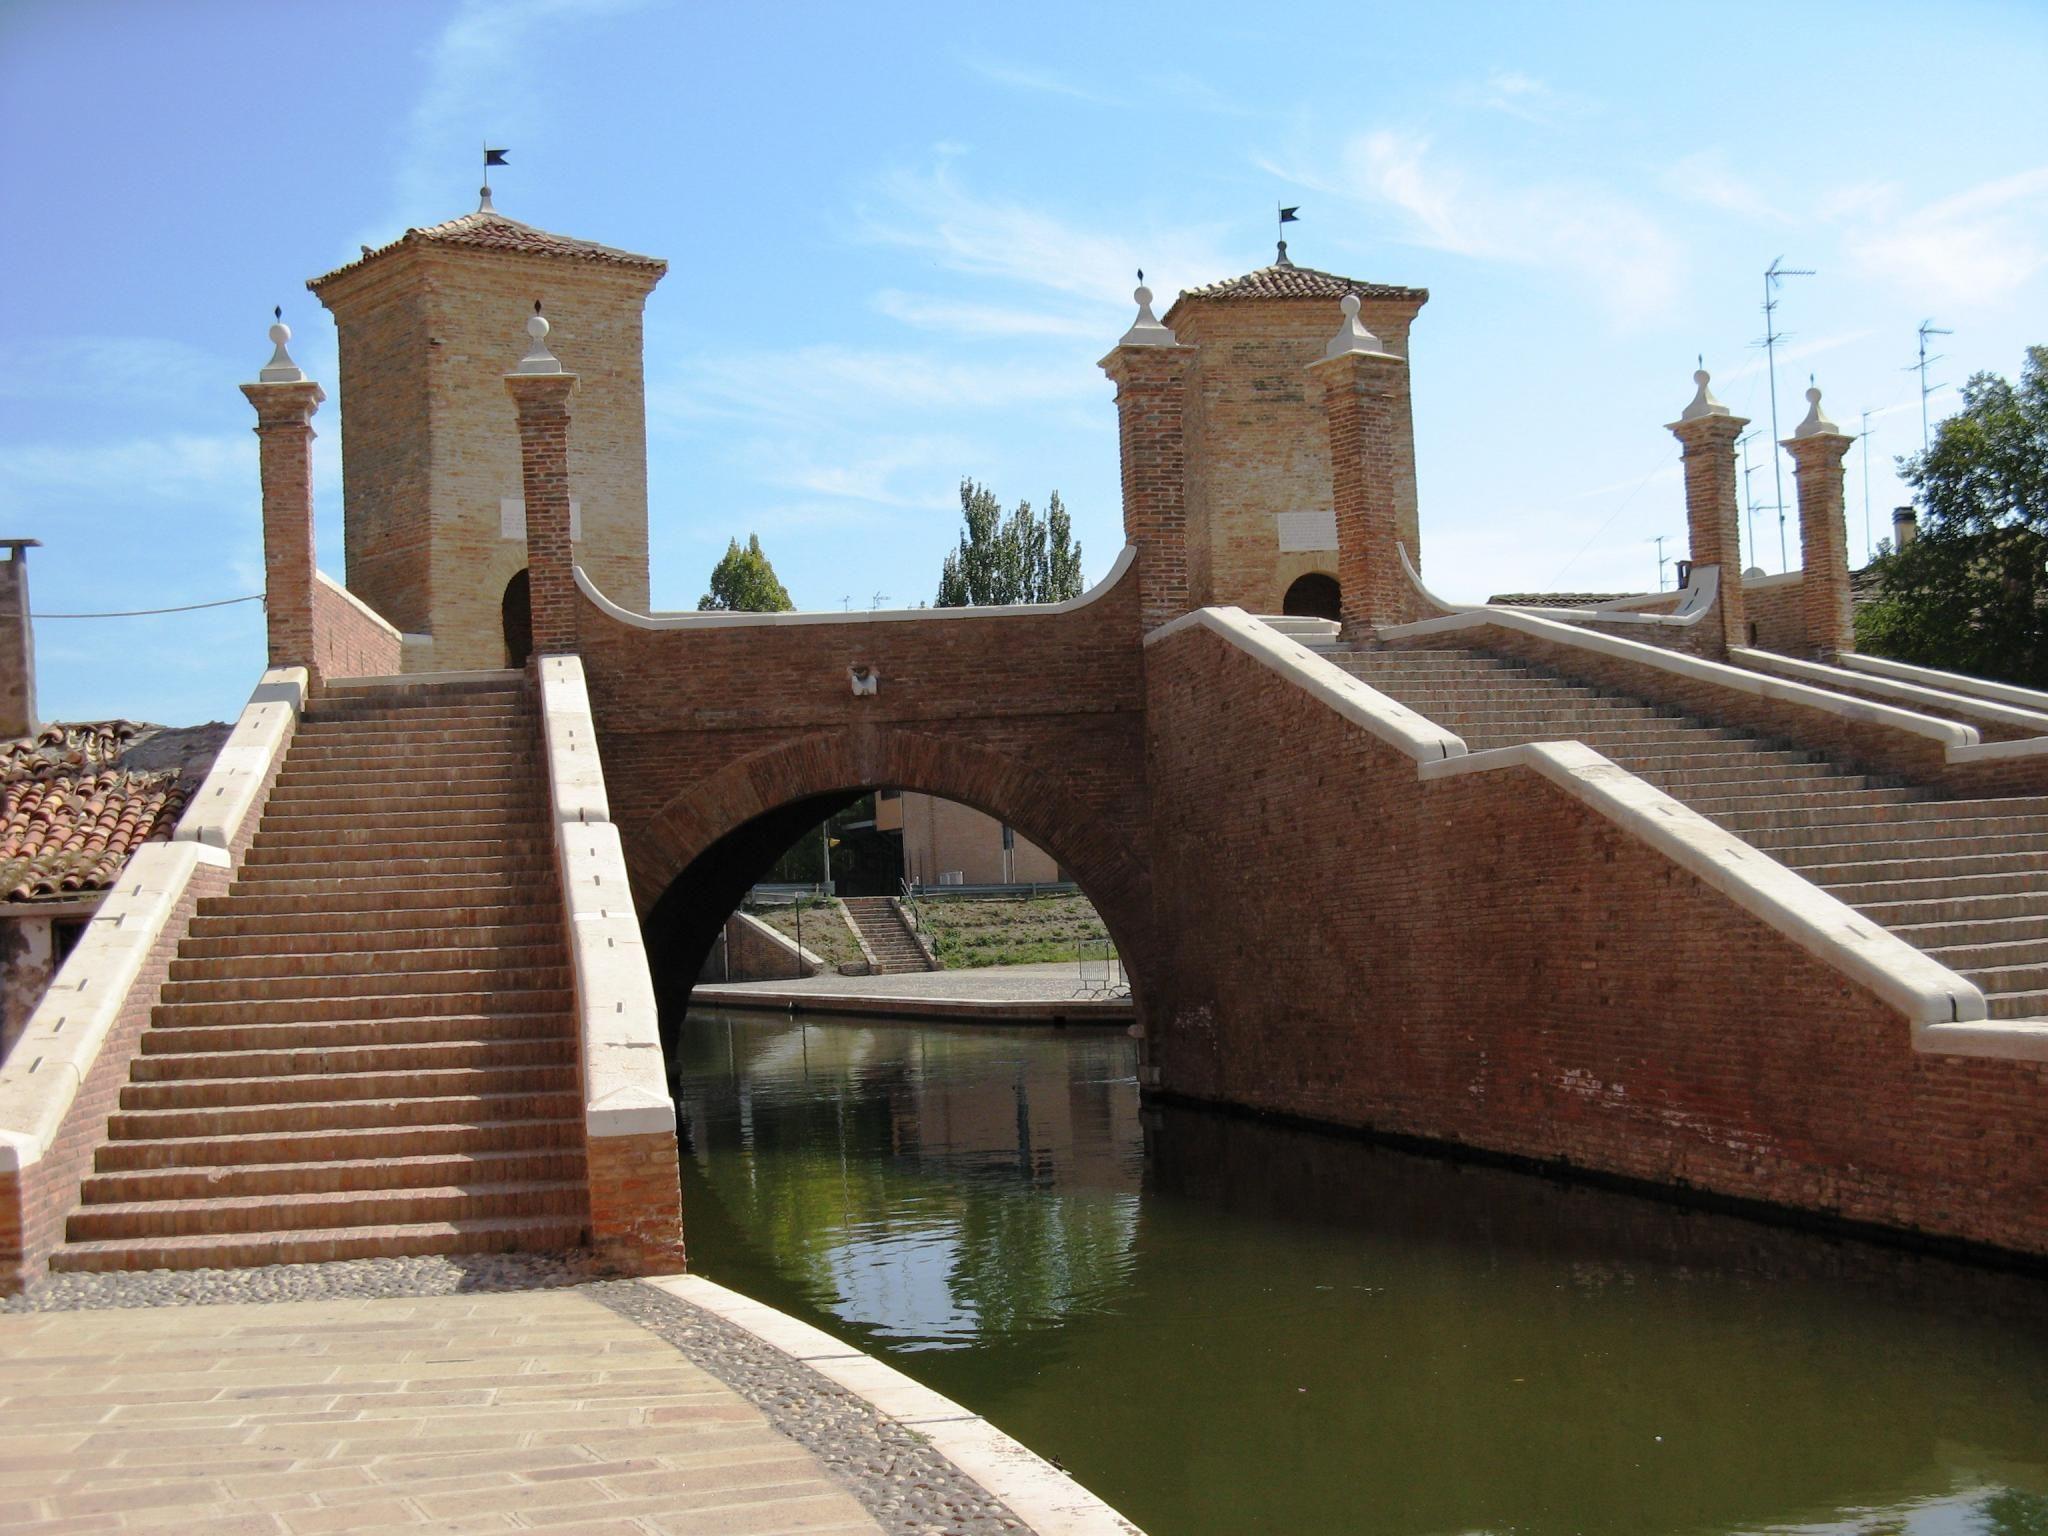 Viaggio nelle valli di Comacchio, Delta del Po e Abbazia di Pomposa, a cura di Mugeltravel Agenzia Viaggi, Firenze, Mugello e Valdarno